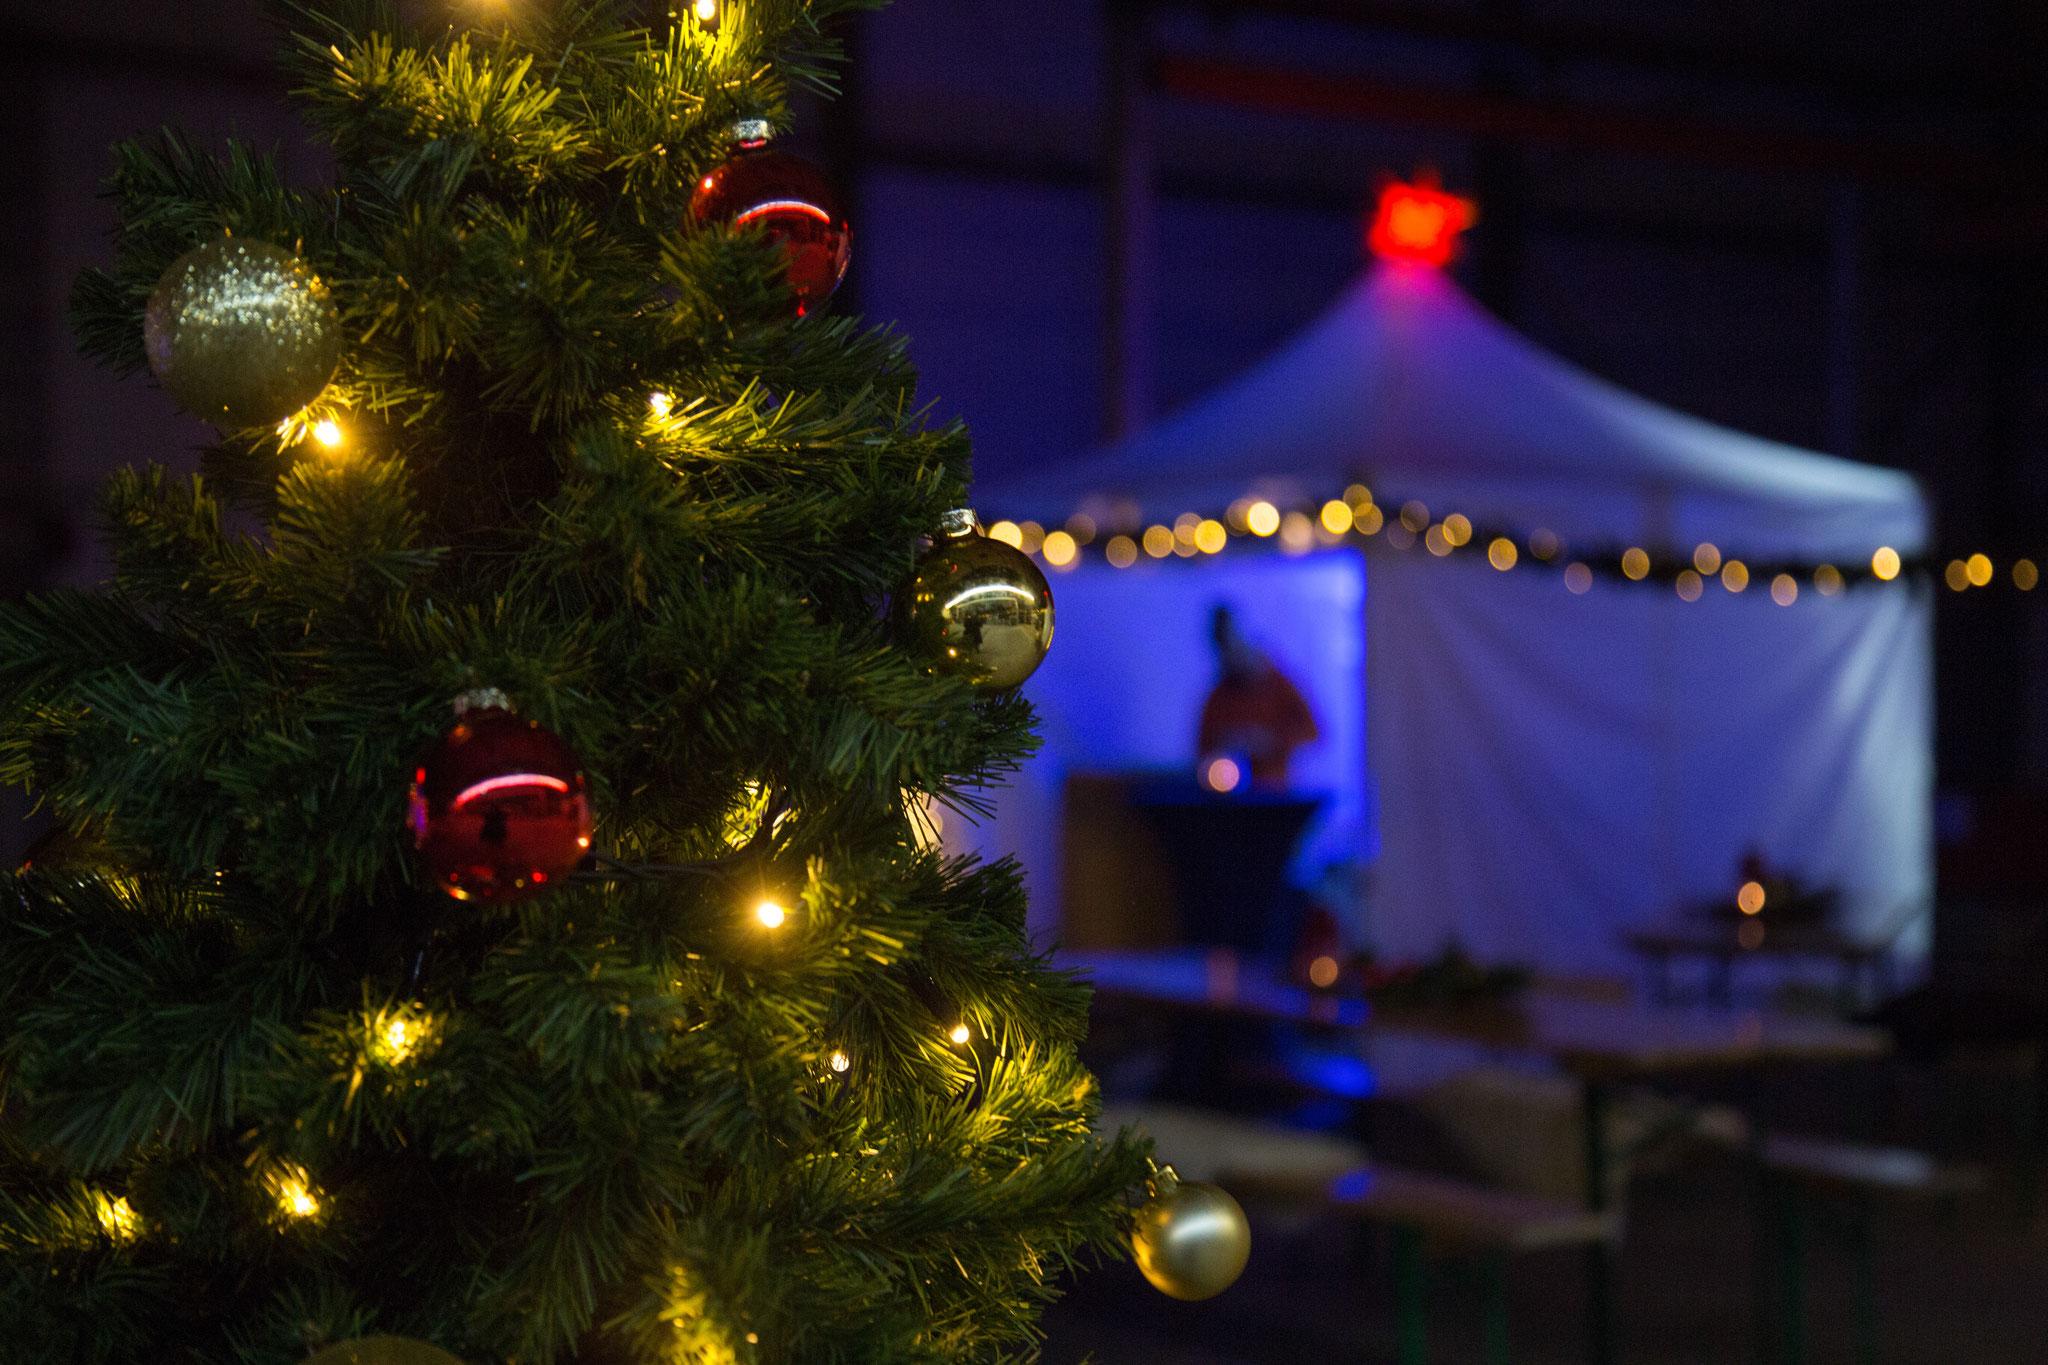 Auch als Jahresendfeier oder Apres Ski Event buchbar, wenn es nicht Weihnachten sein soll.